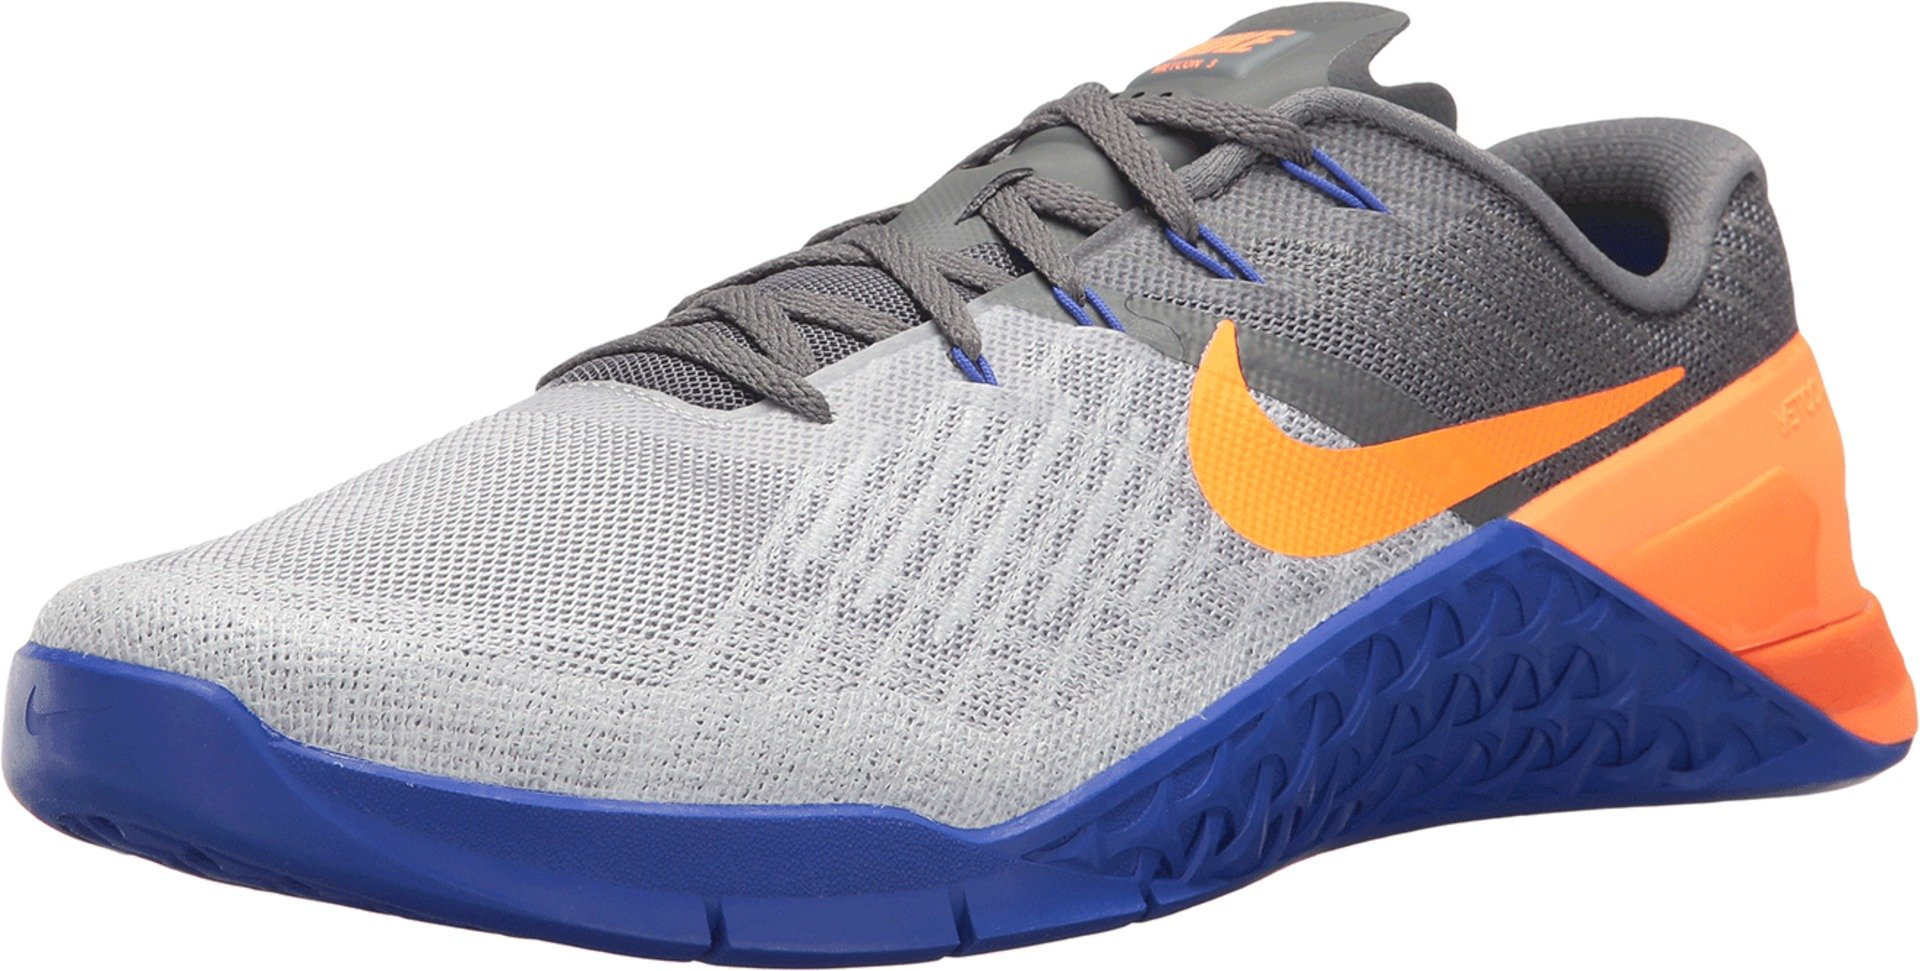 Nike Men's Metcon 3 Wolf Grey/Tart/Dark Grey Training Shoe (11, Wolf Grey/Tart/Paramount Blue 852928-003) by Nike